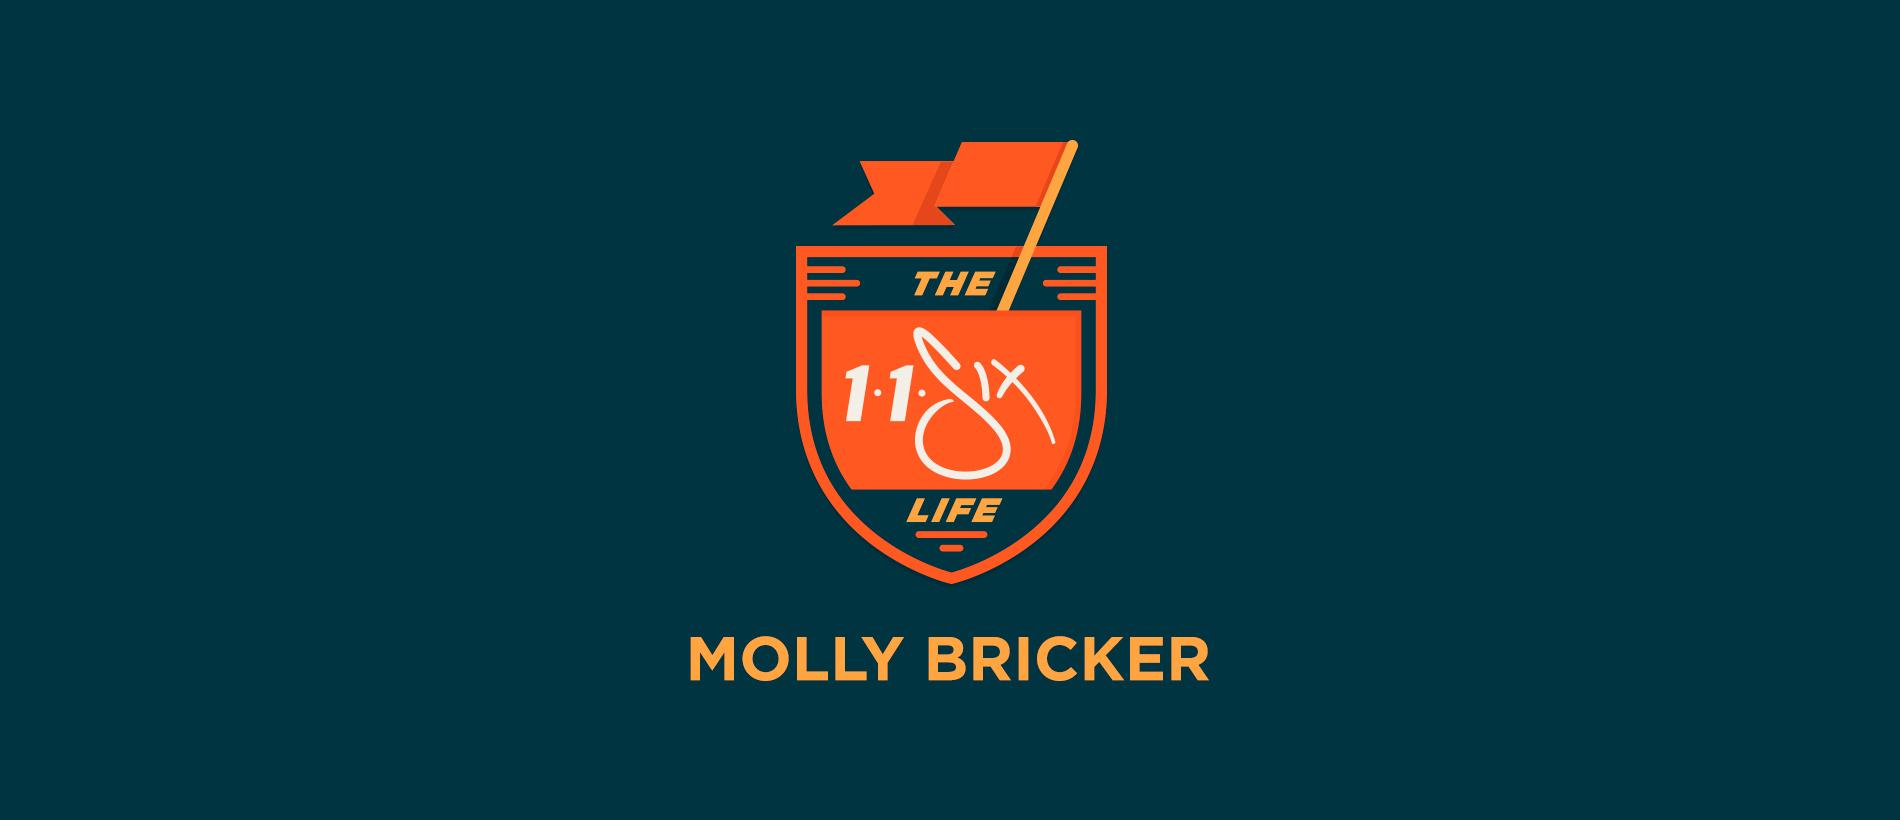 The 116 Life x Molly Bricker